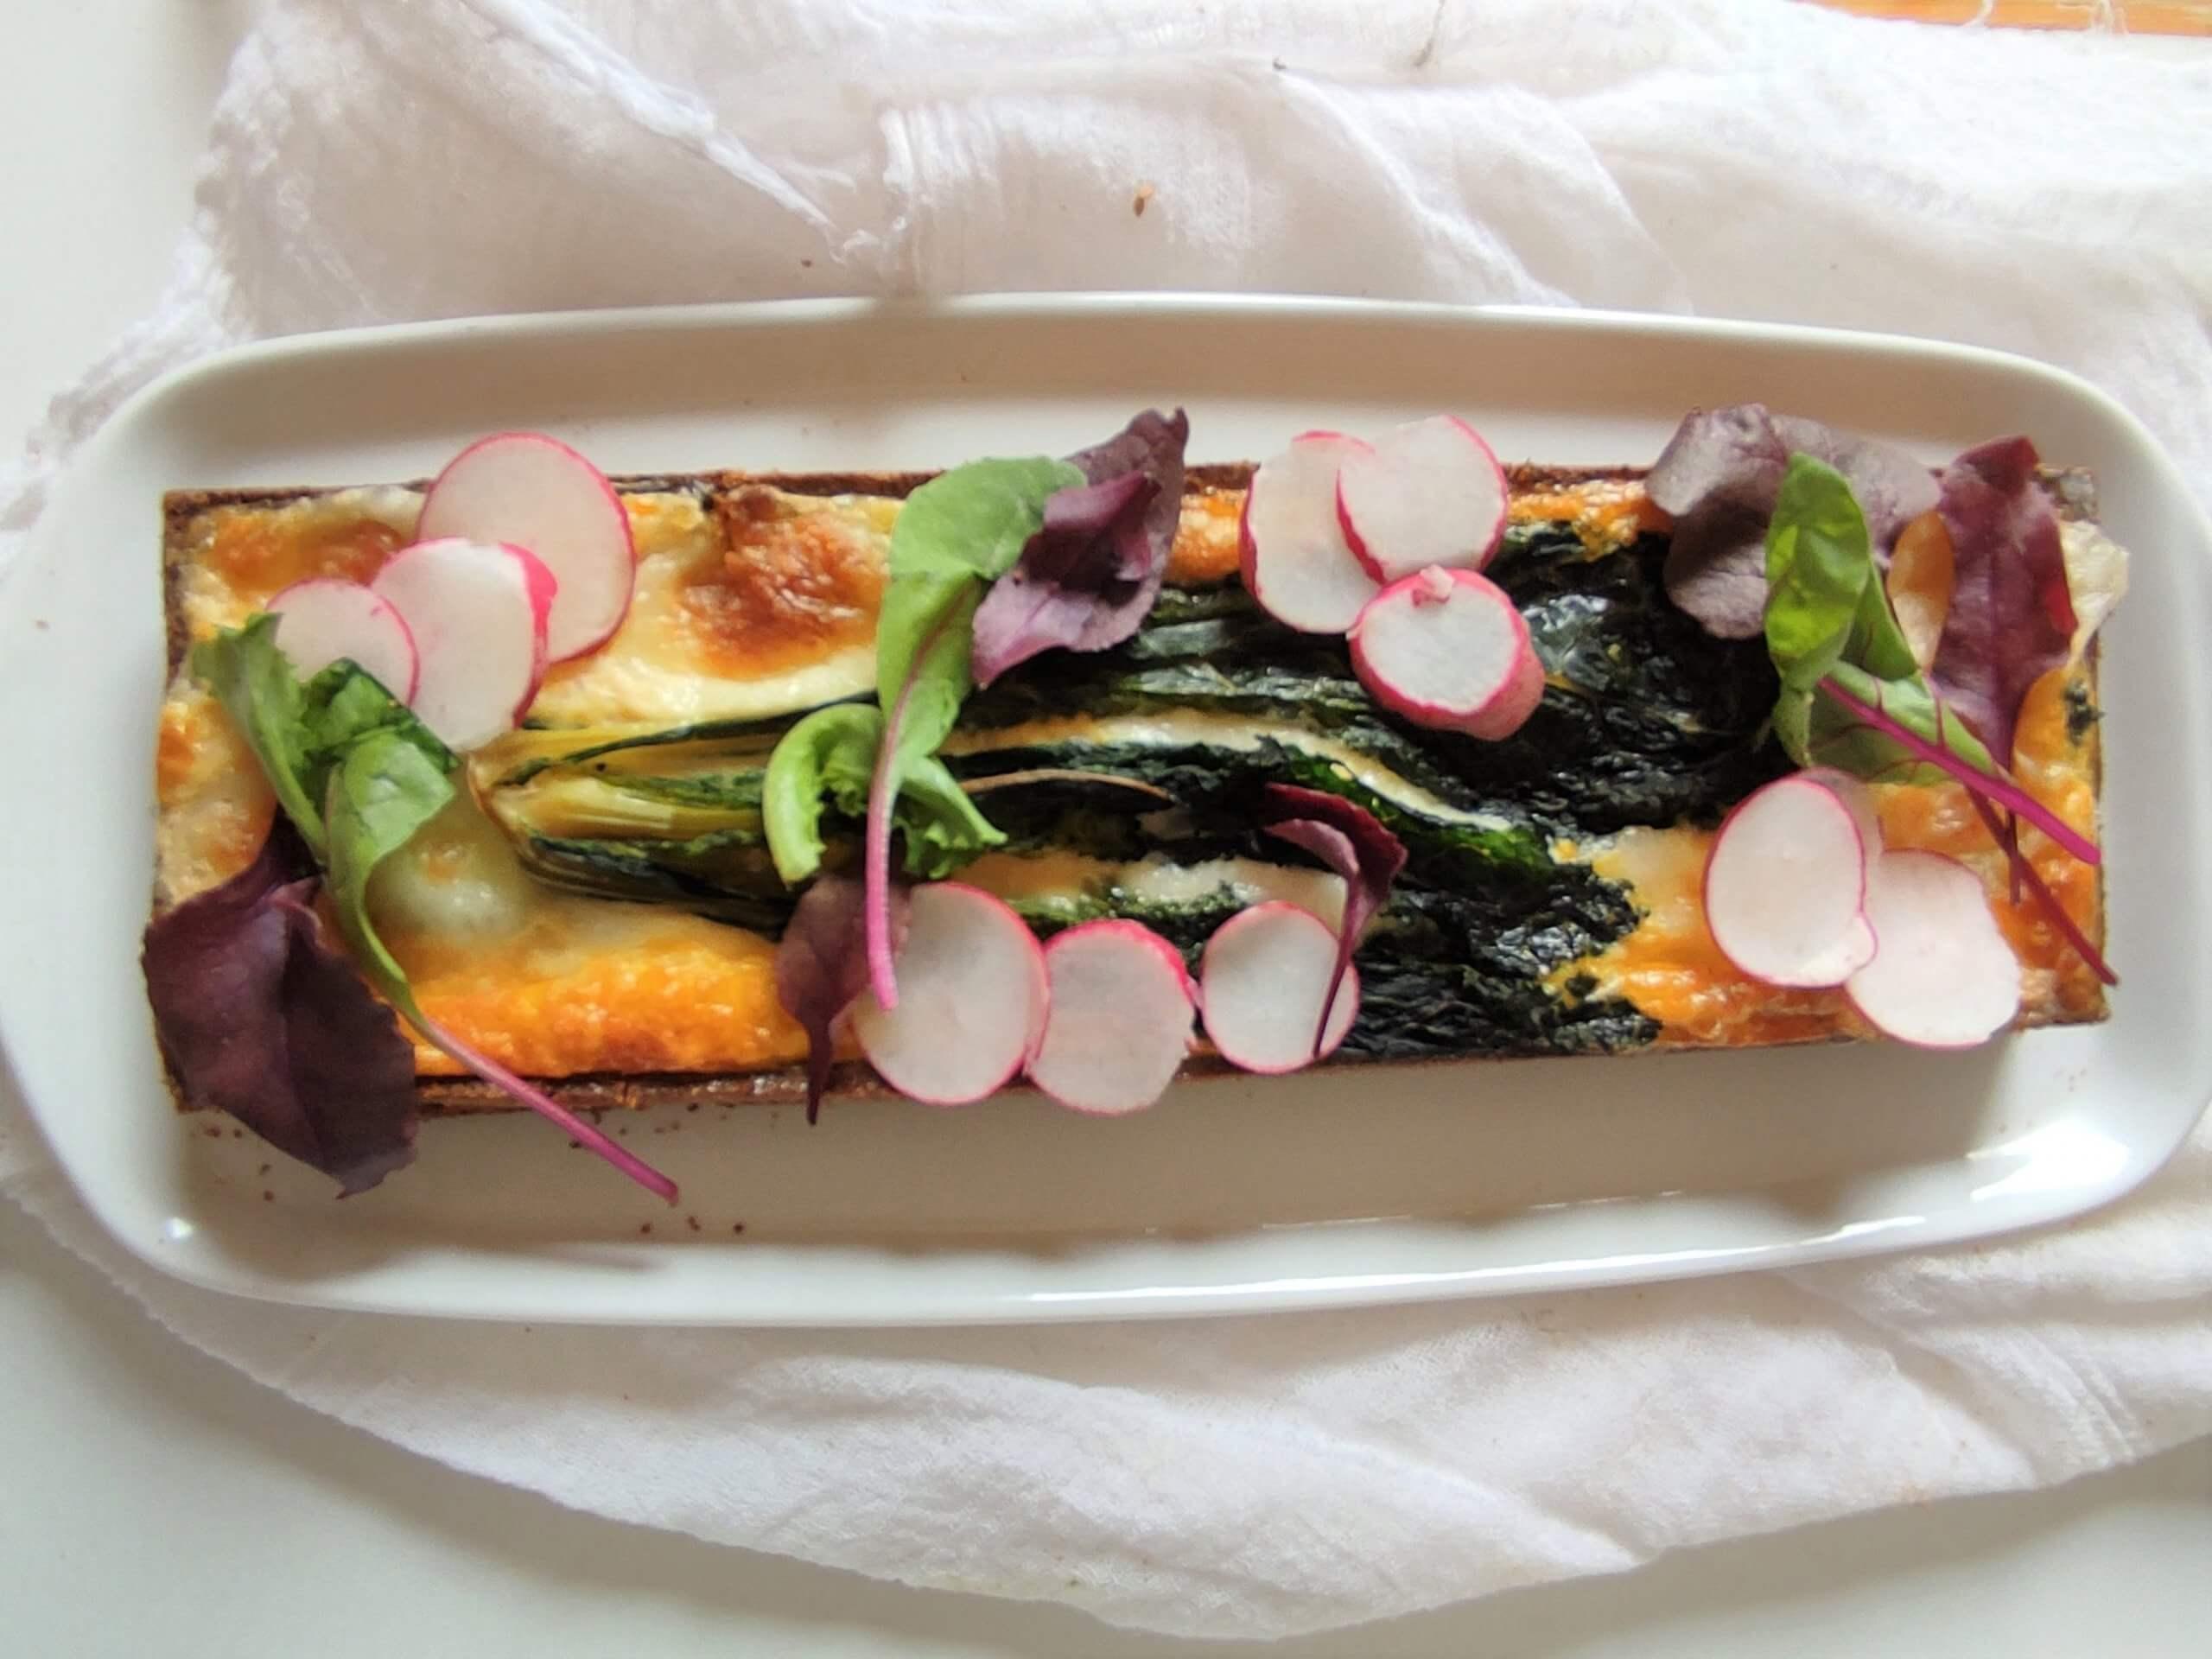 Torta salata, mozzarella, cavolo nero e ravanelli.